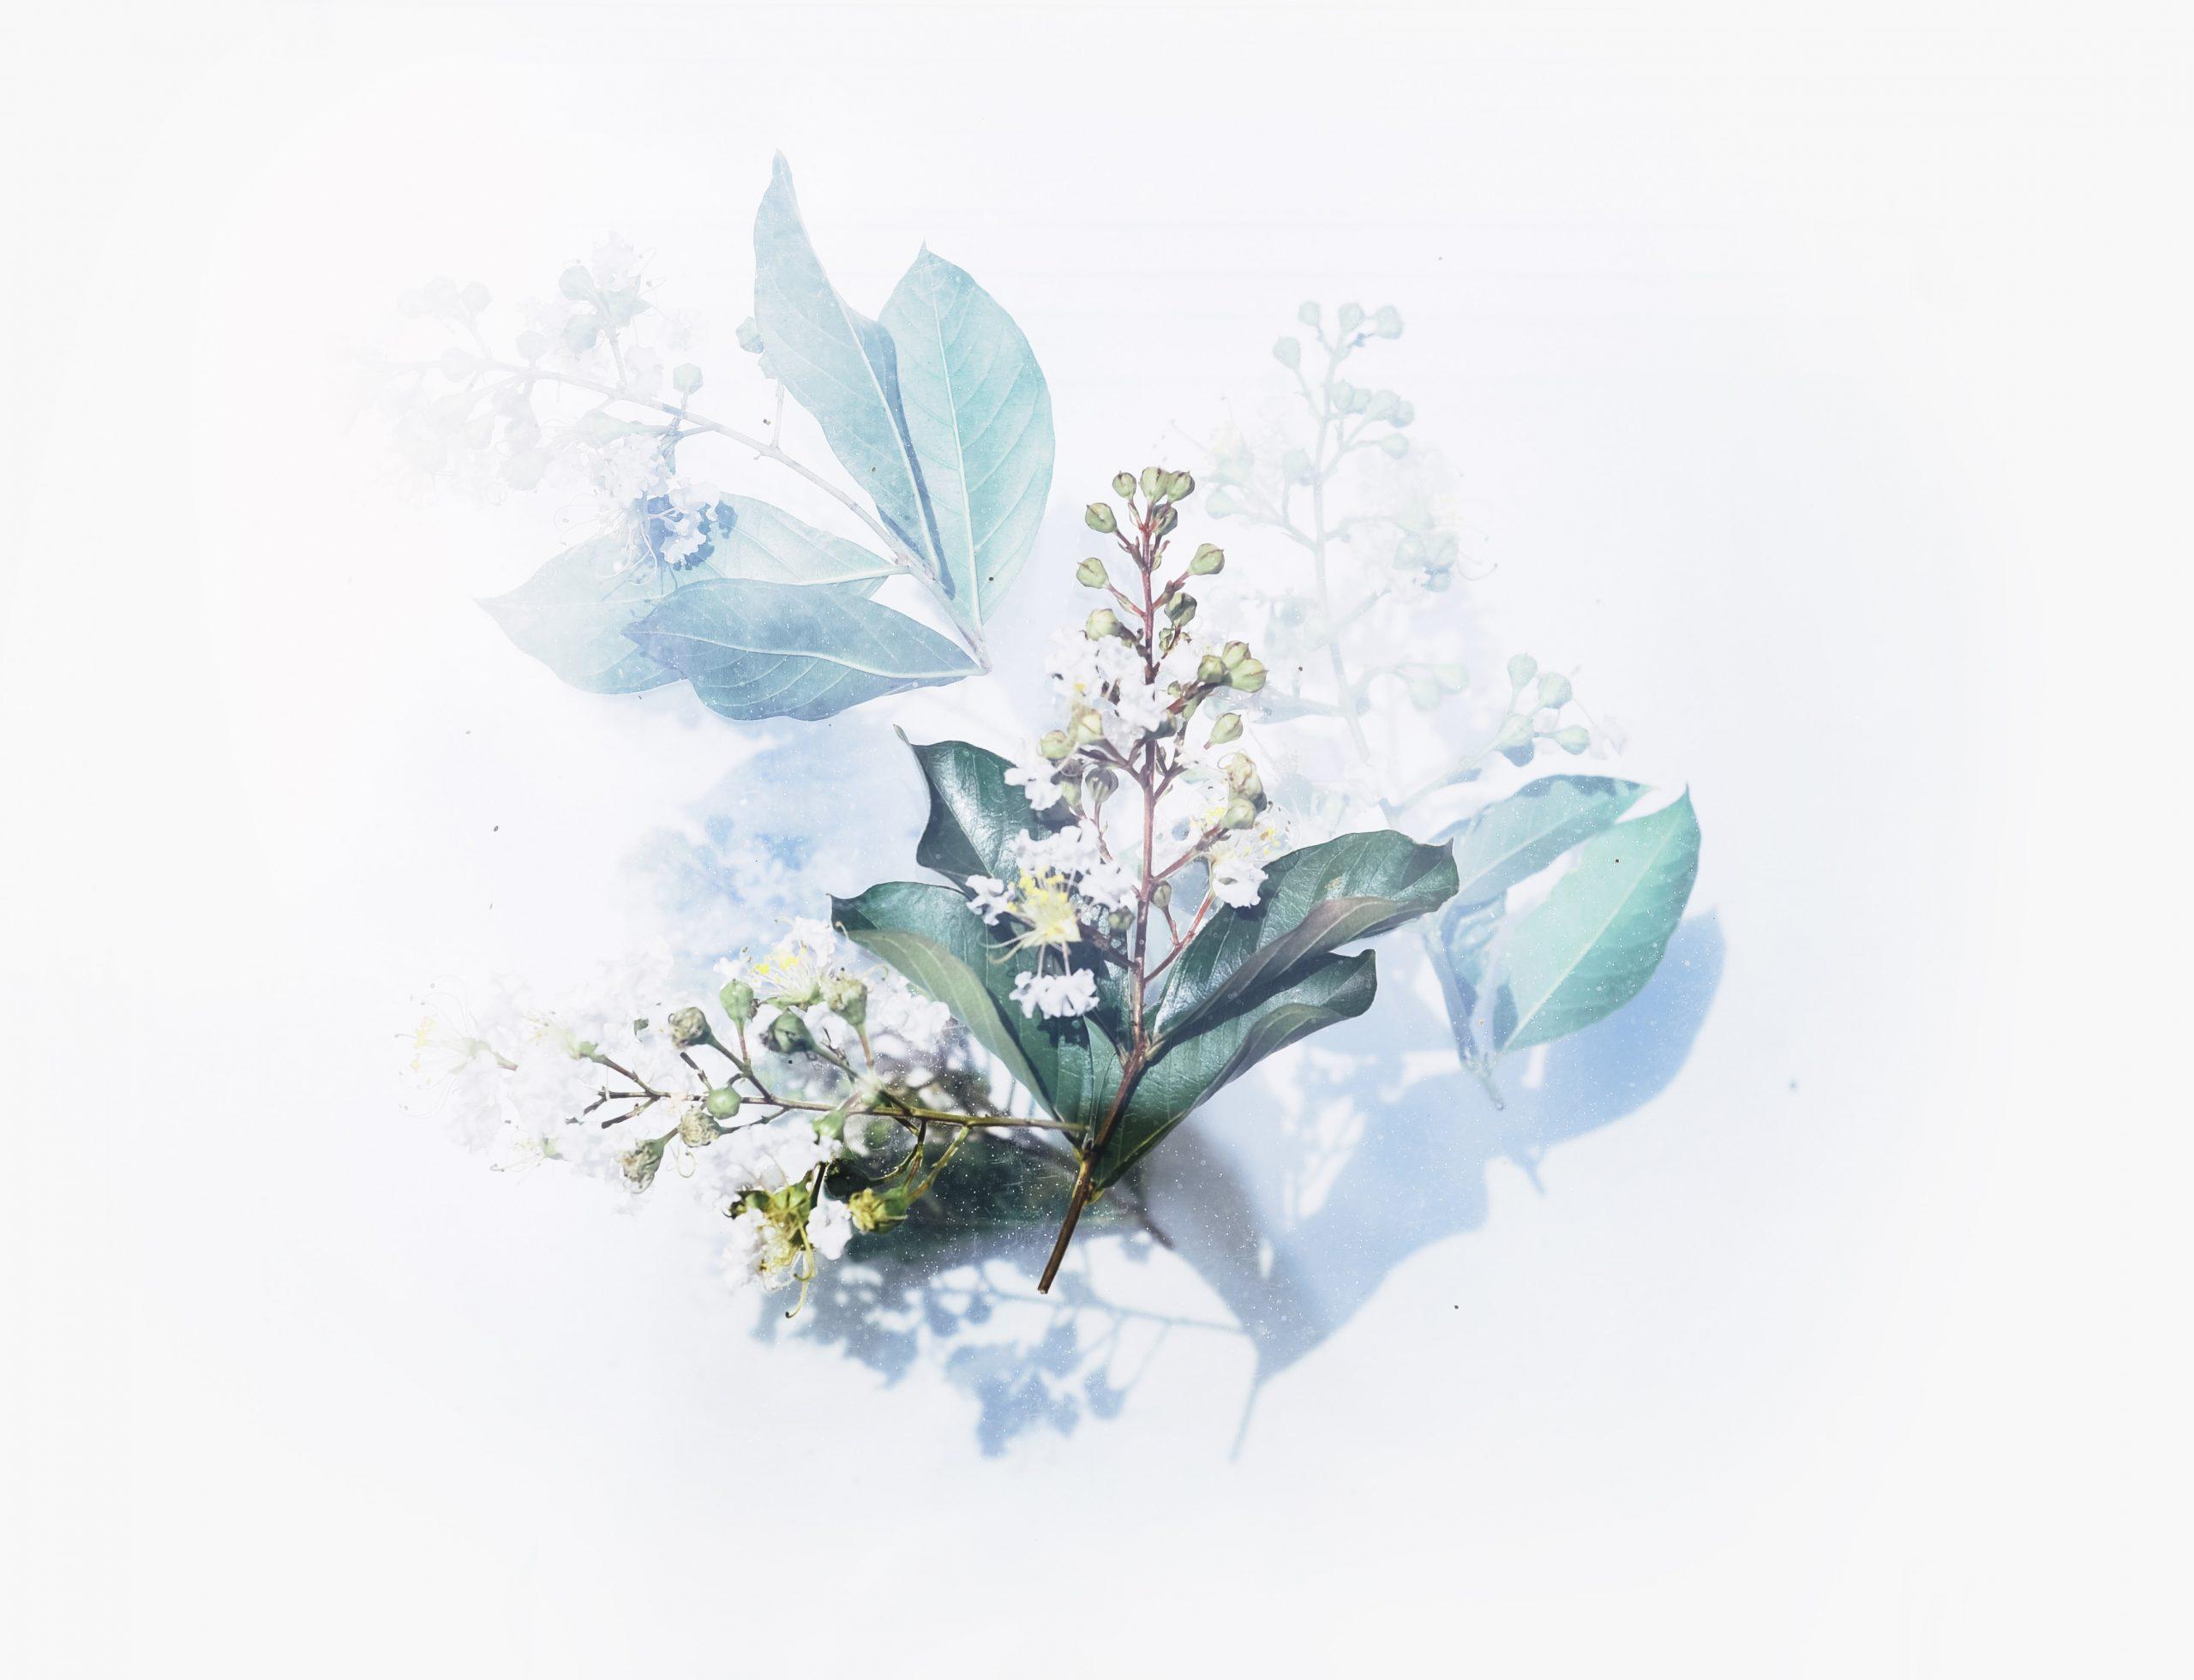 wallpaper White flowering plant artwork